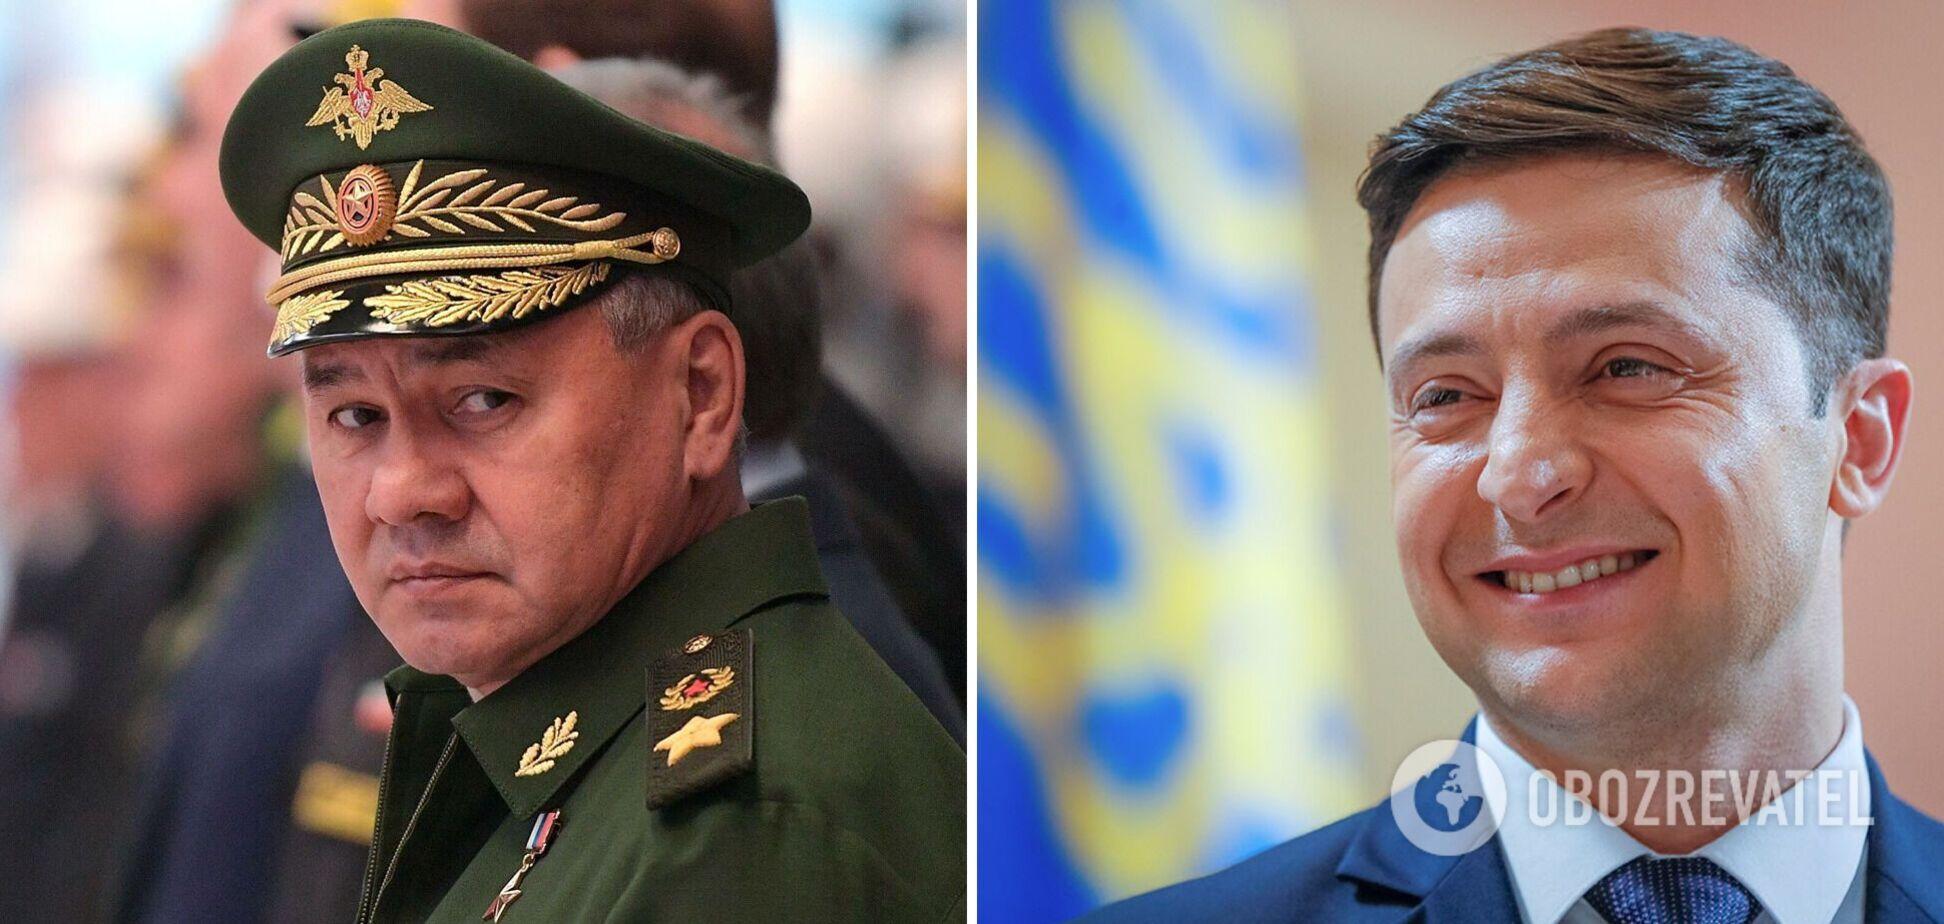 У Путина отреагировали на слова Зеленского о будущем Крыма: Шойгу попытался шутить